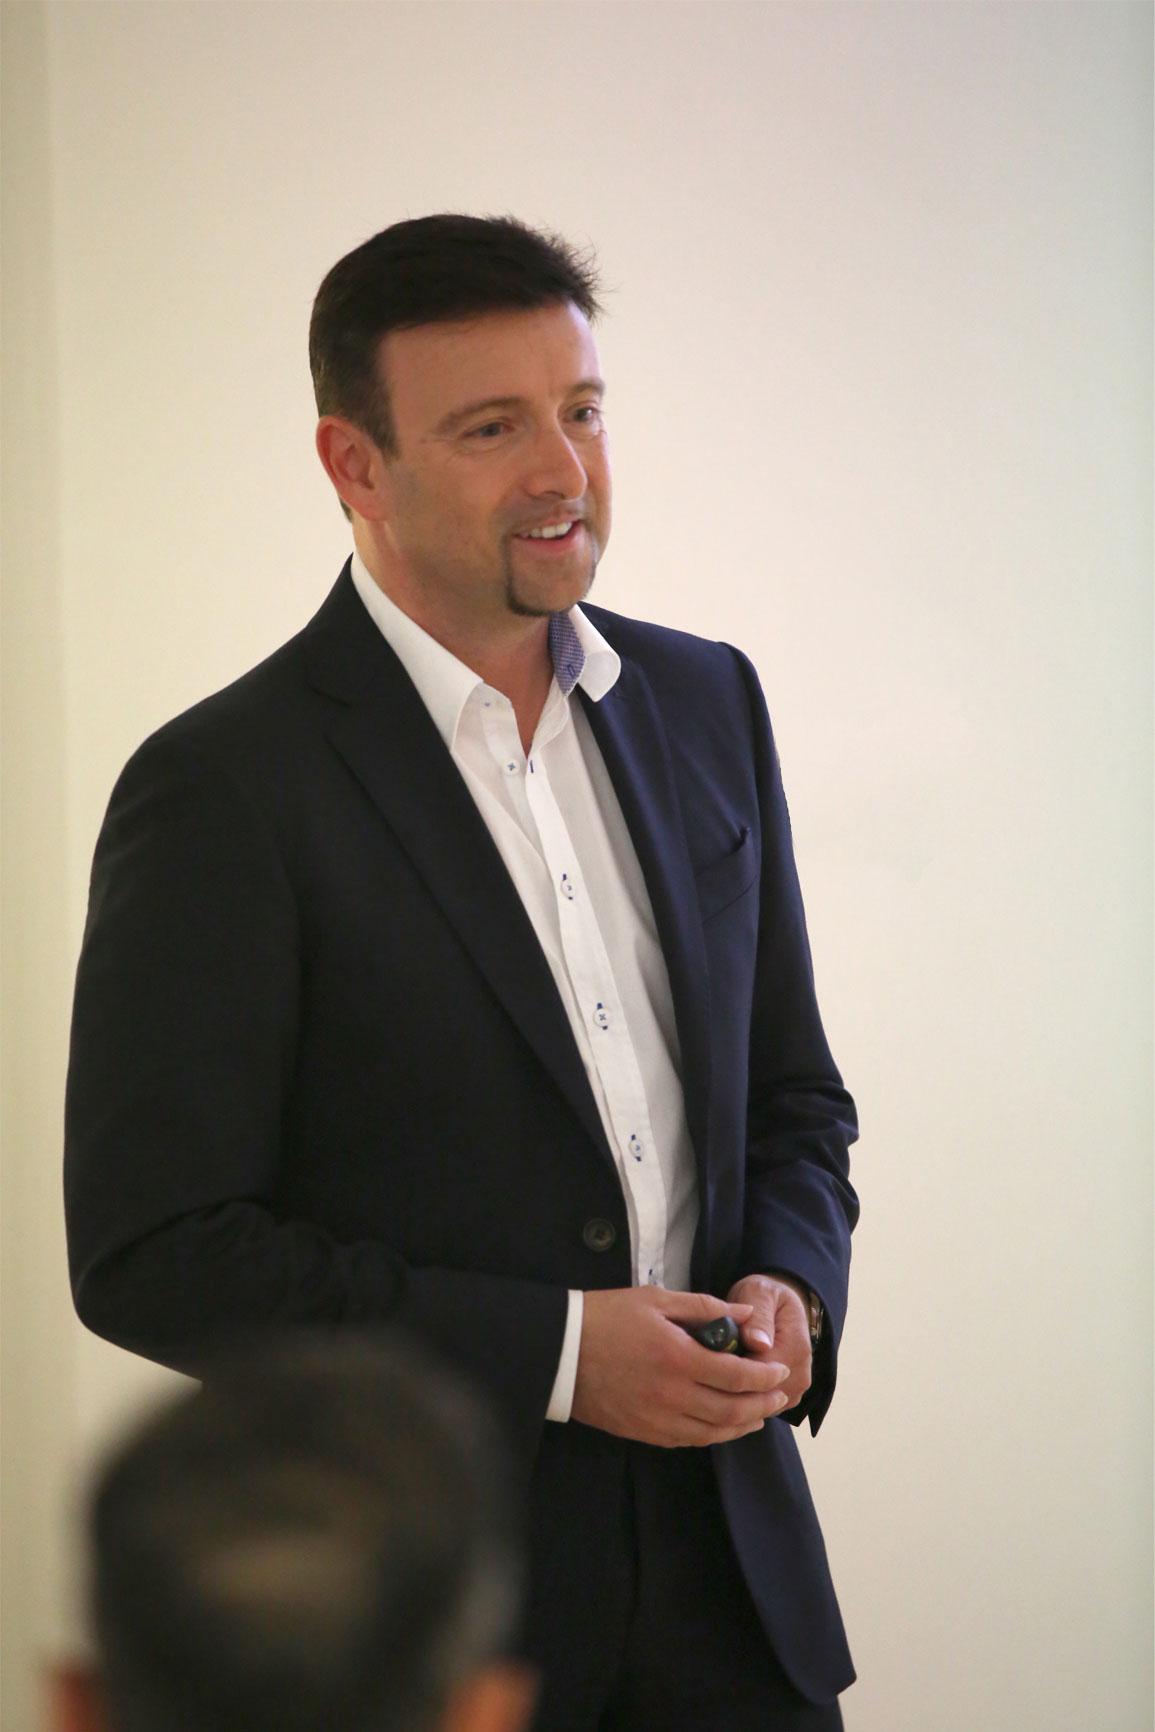 Fast Group - Marco Greppi CEO - Fast Group progetta, sviluppa ed implementa soluzioni ICT ad alto valore aggiunto, per far crescere la tua Azienda e il tuo business